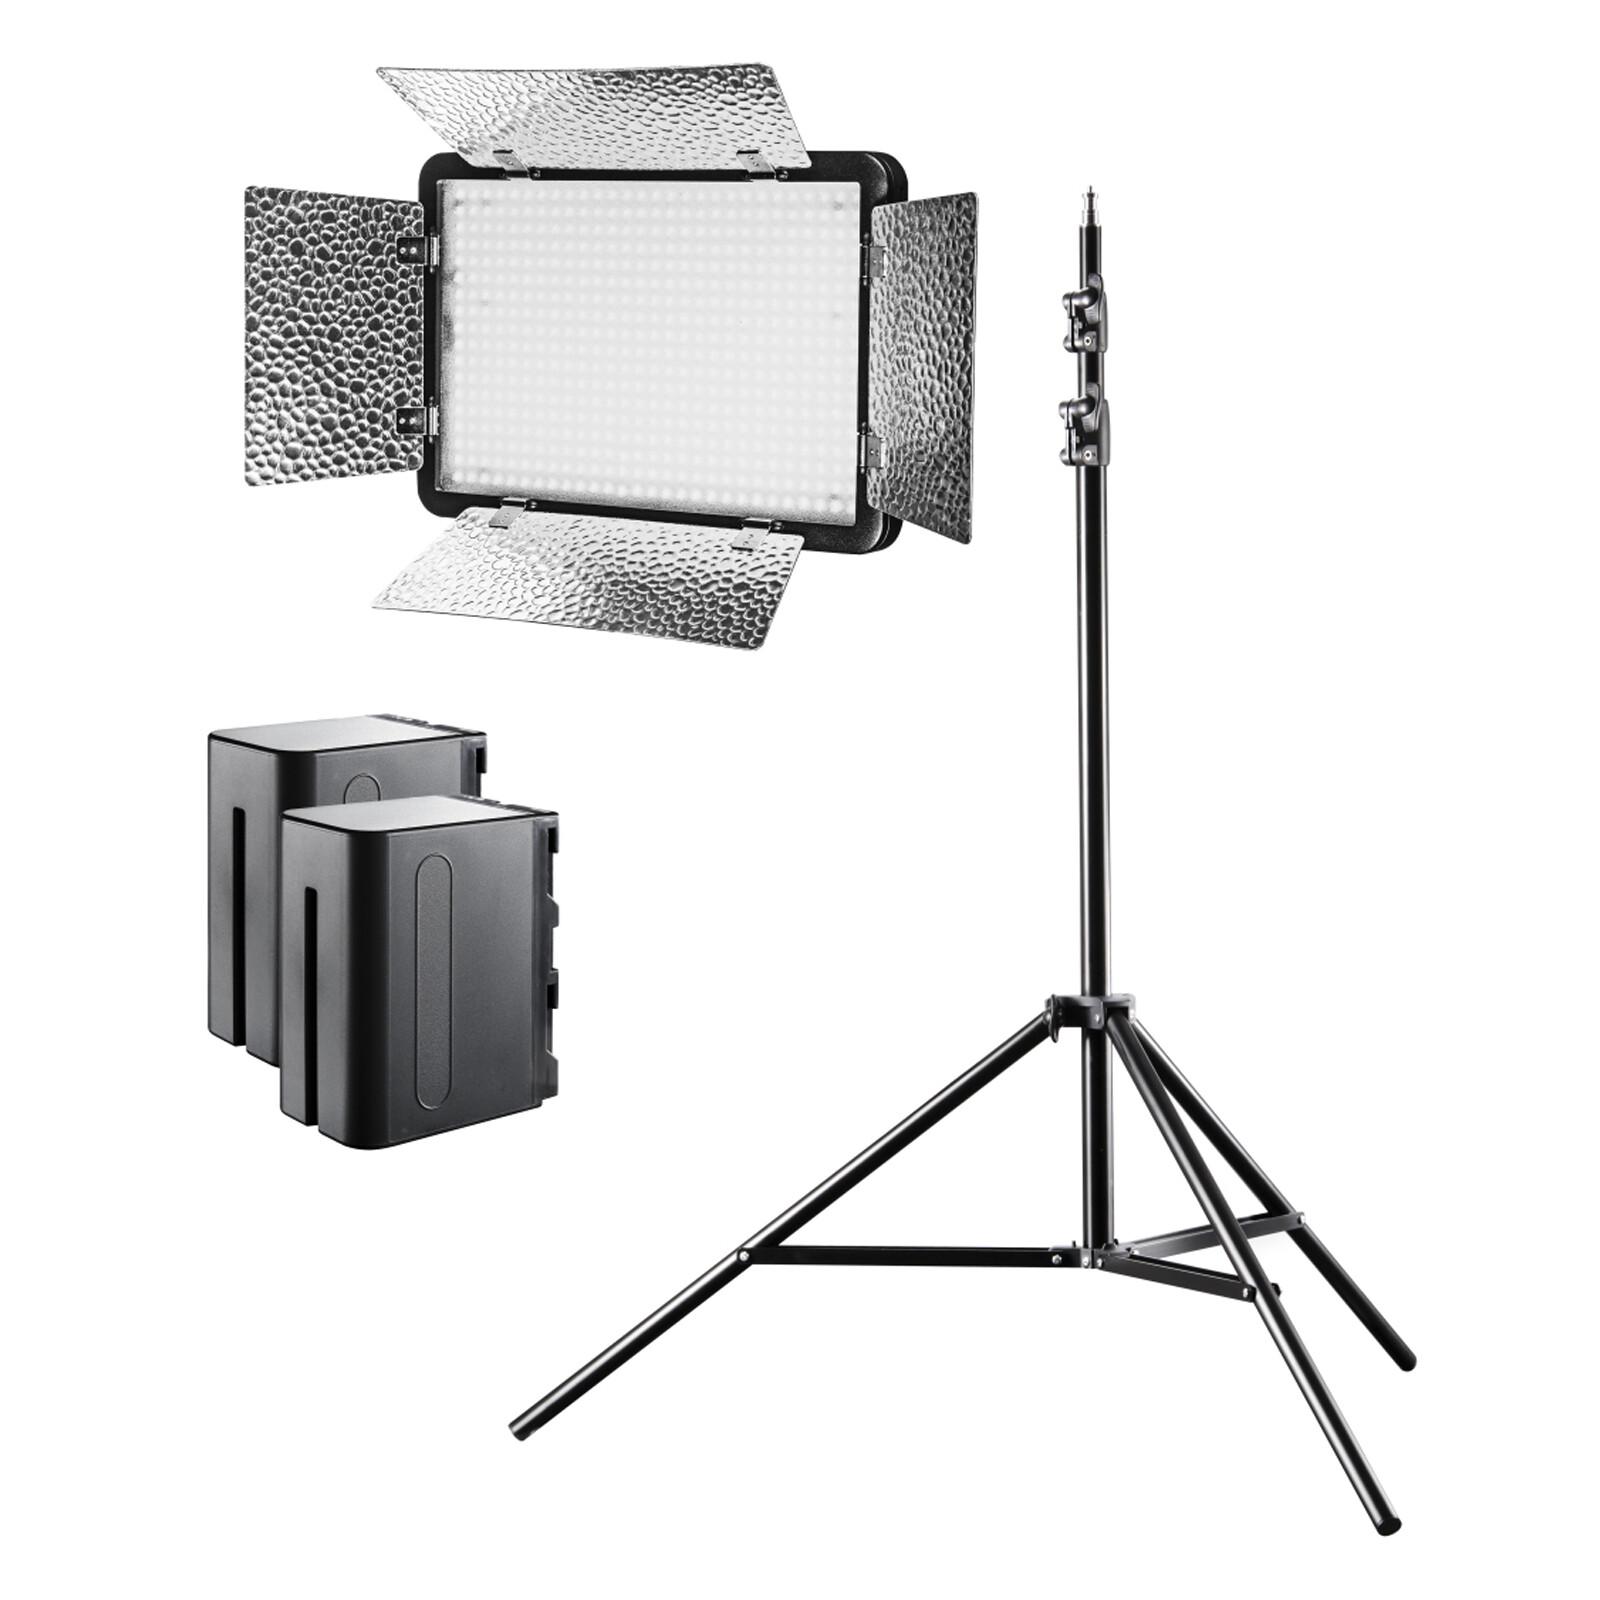 walimex pro LED 500 Versalight Daylight Set1 Akku